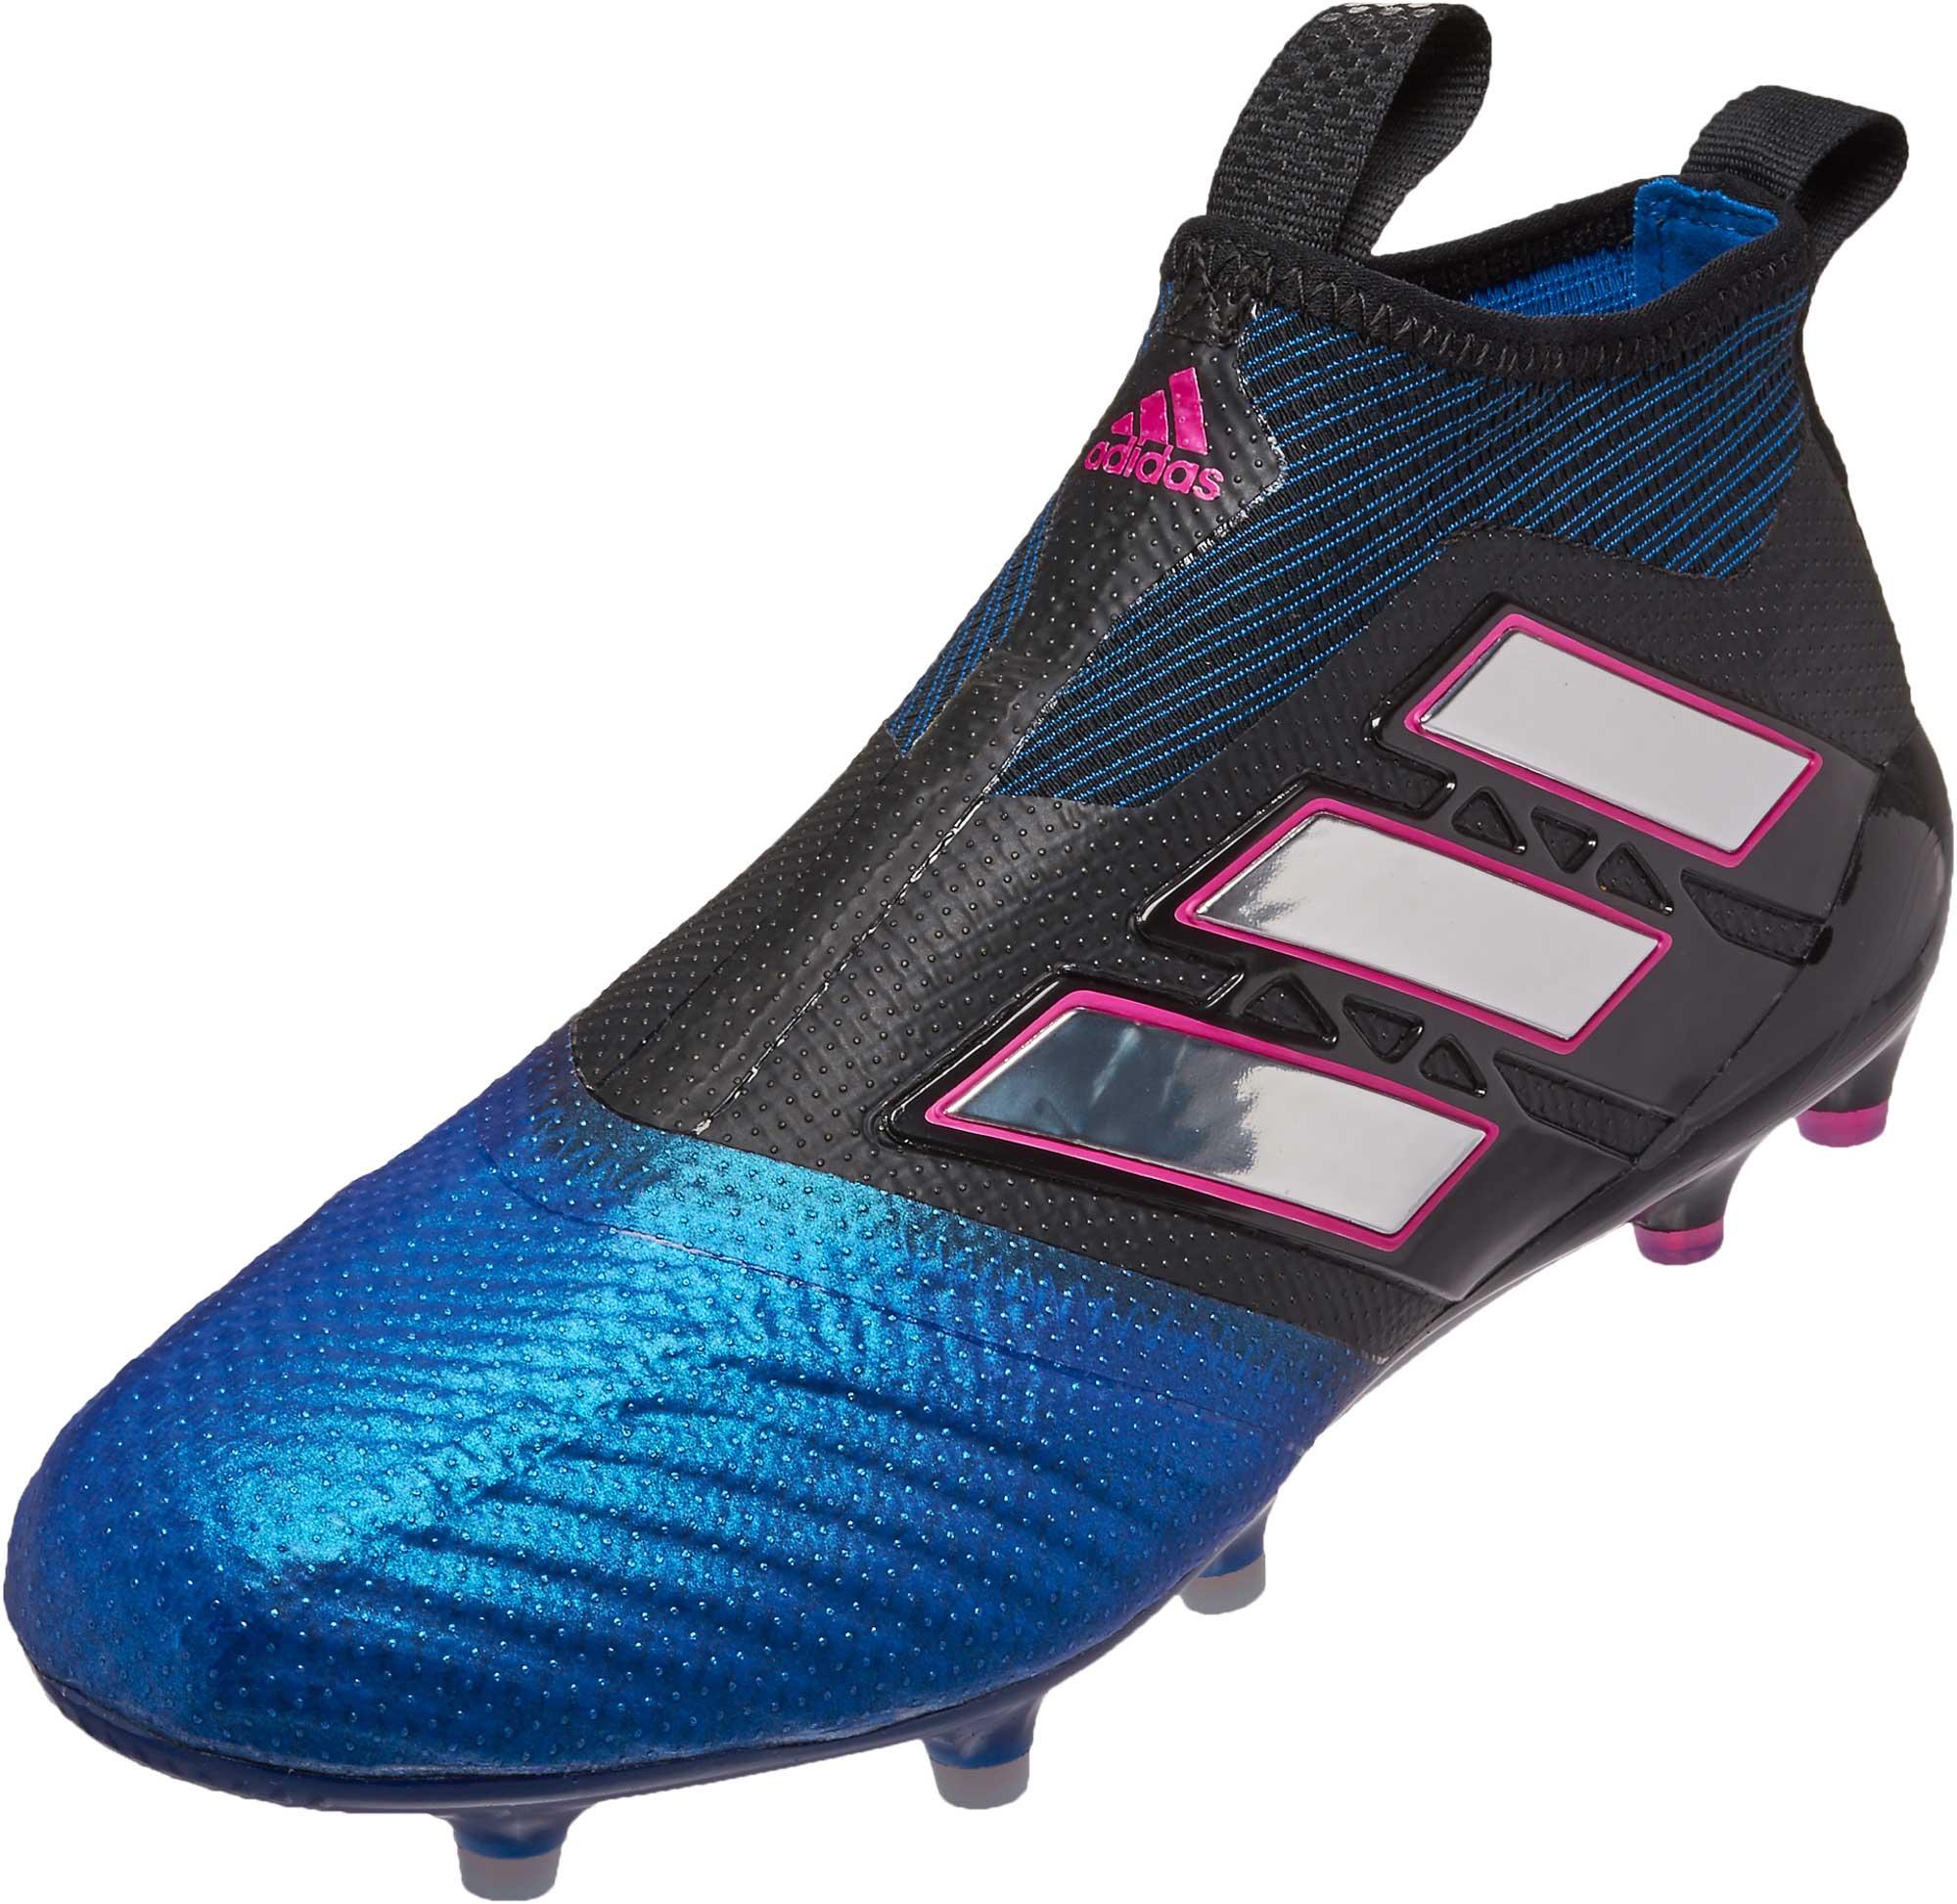 save off ebe5e 6e0ed adidas ACE 17+ Purecontrol FG Soccer Cleats – Black   Blue